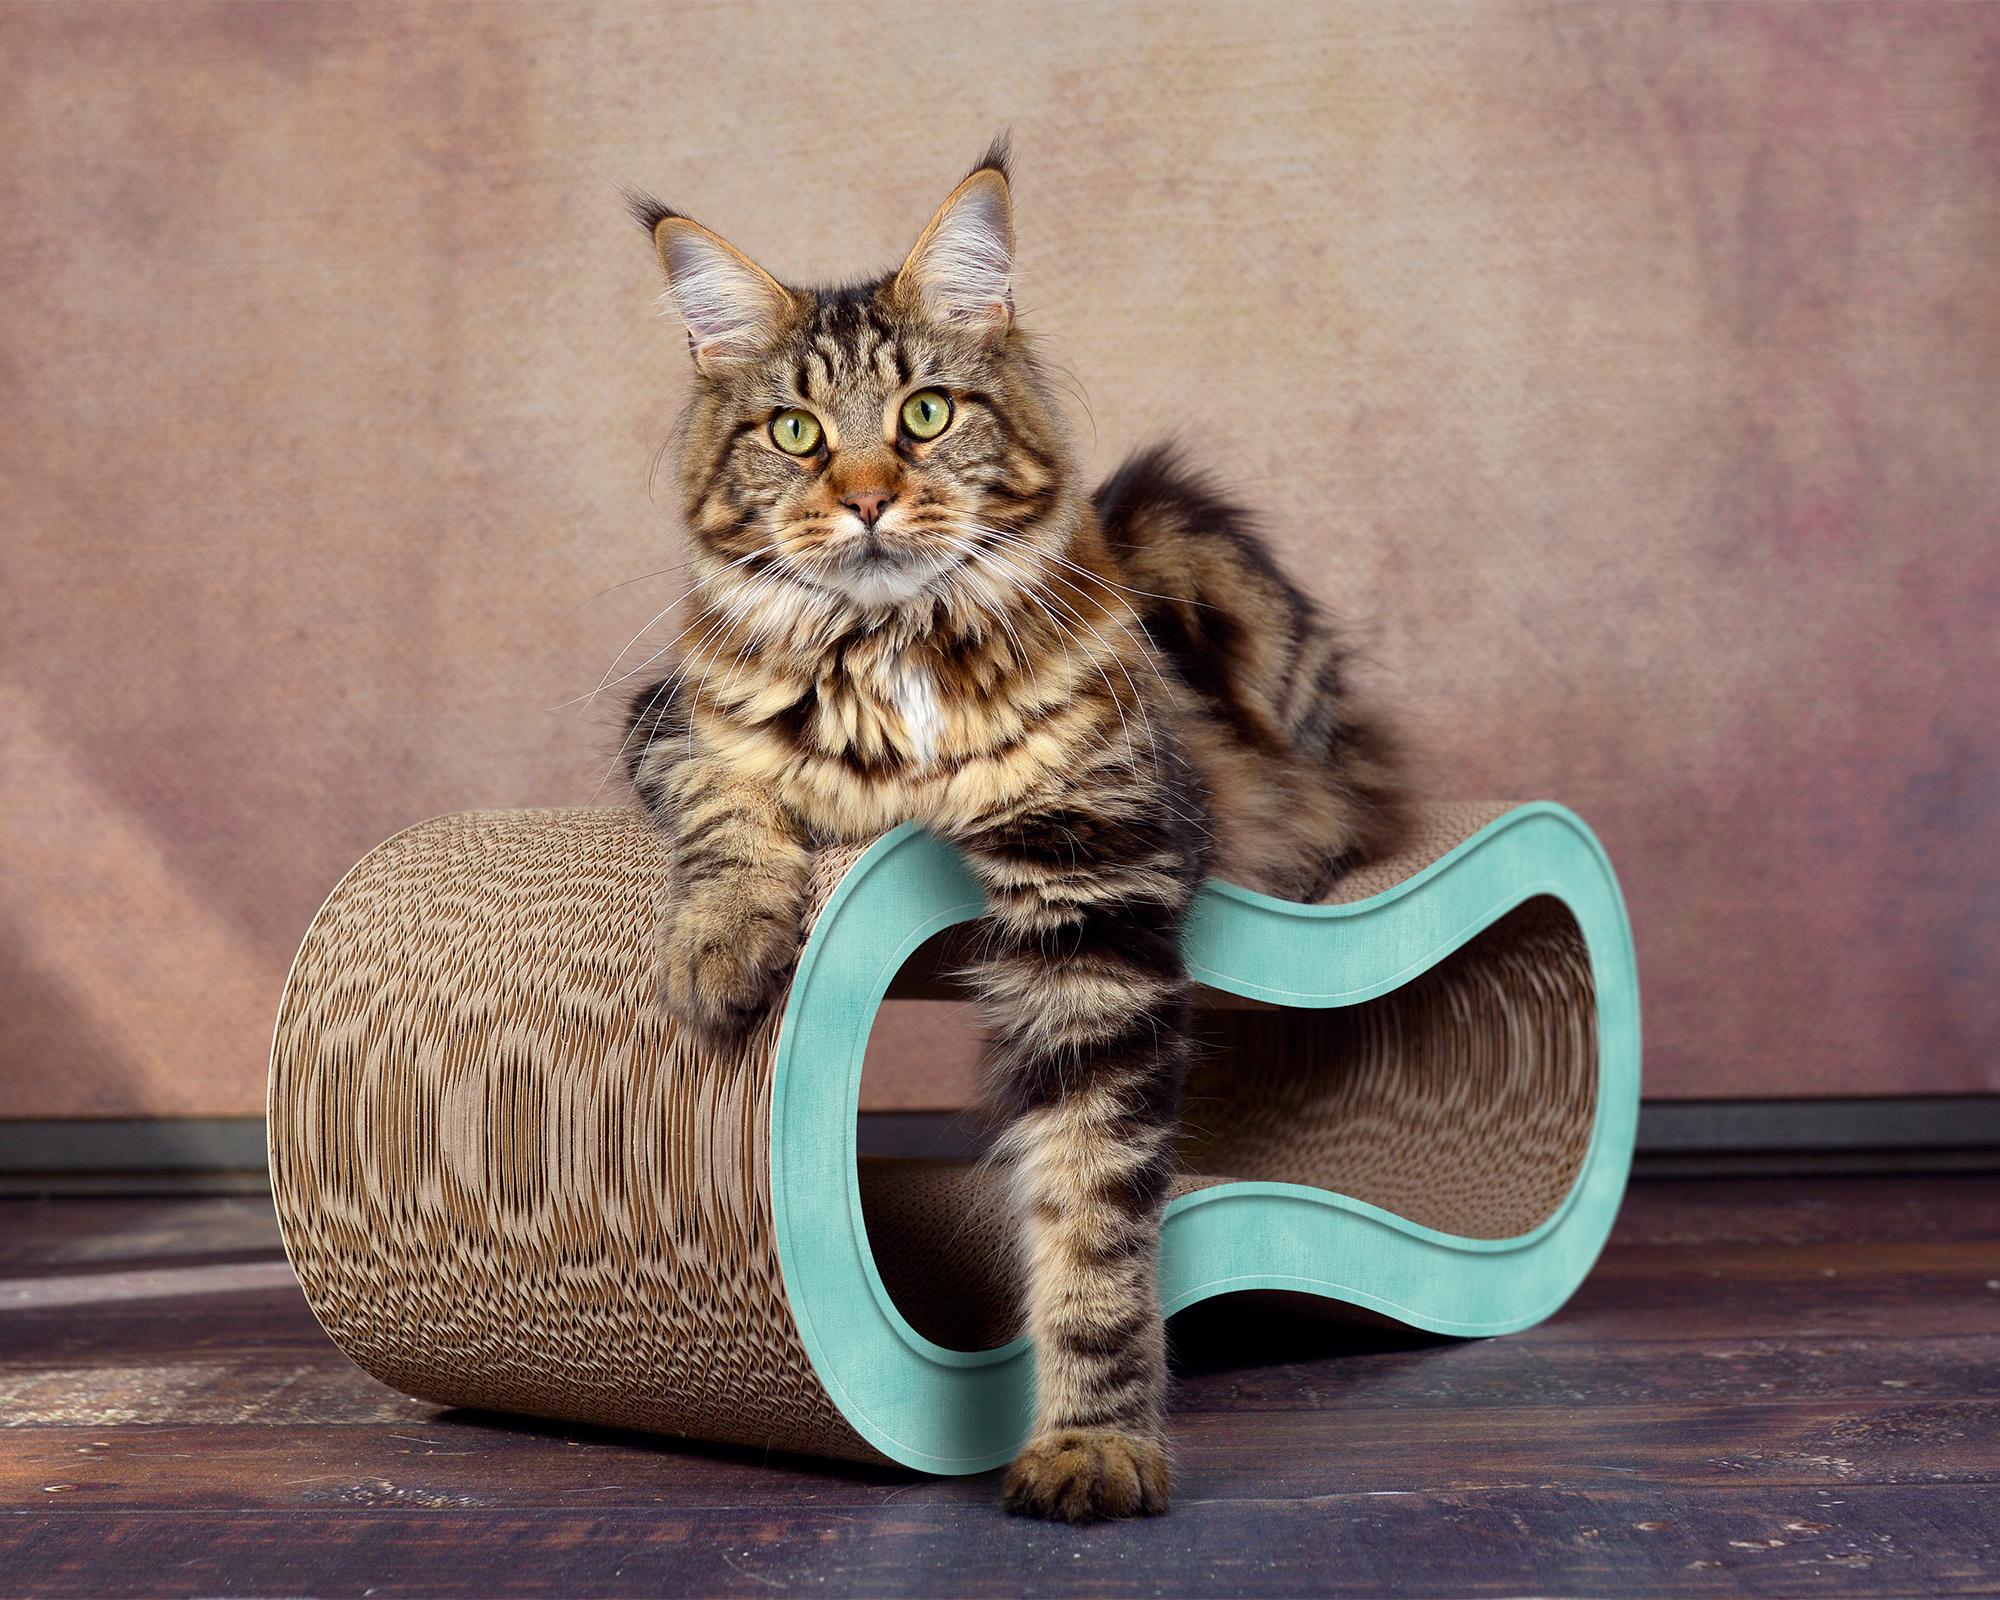 Kratzbrett für Katzen Kratzmöbel Singha M Farbe türkis 006c